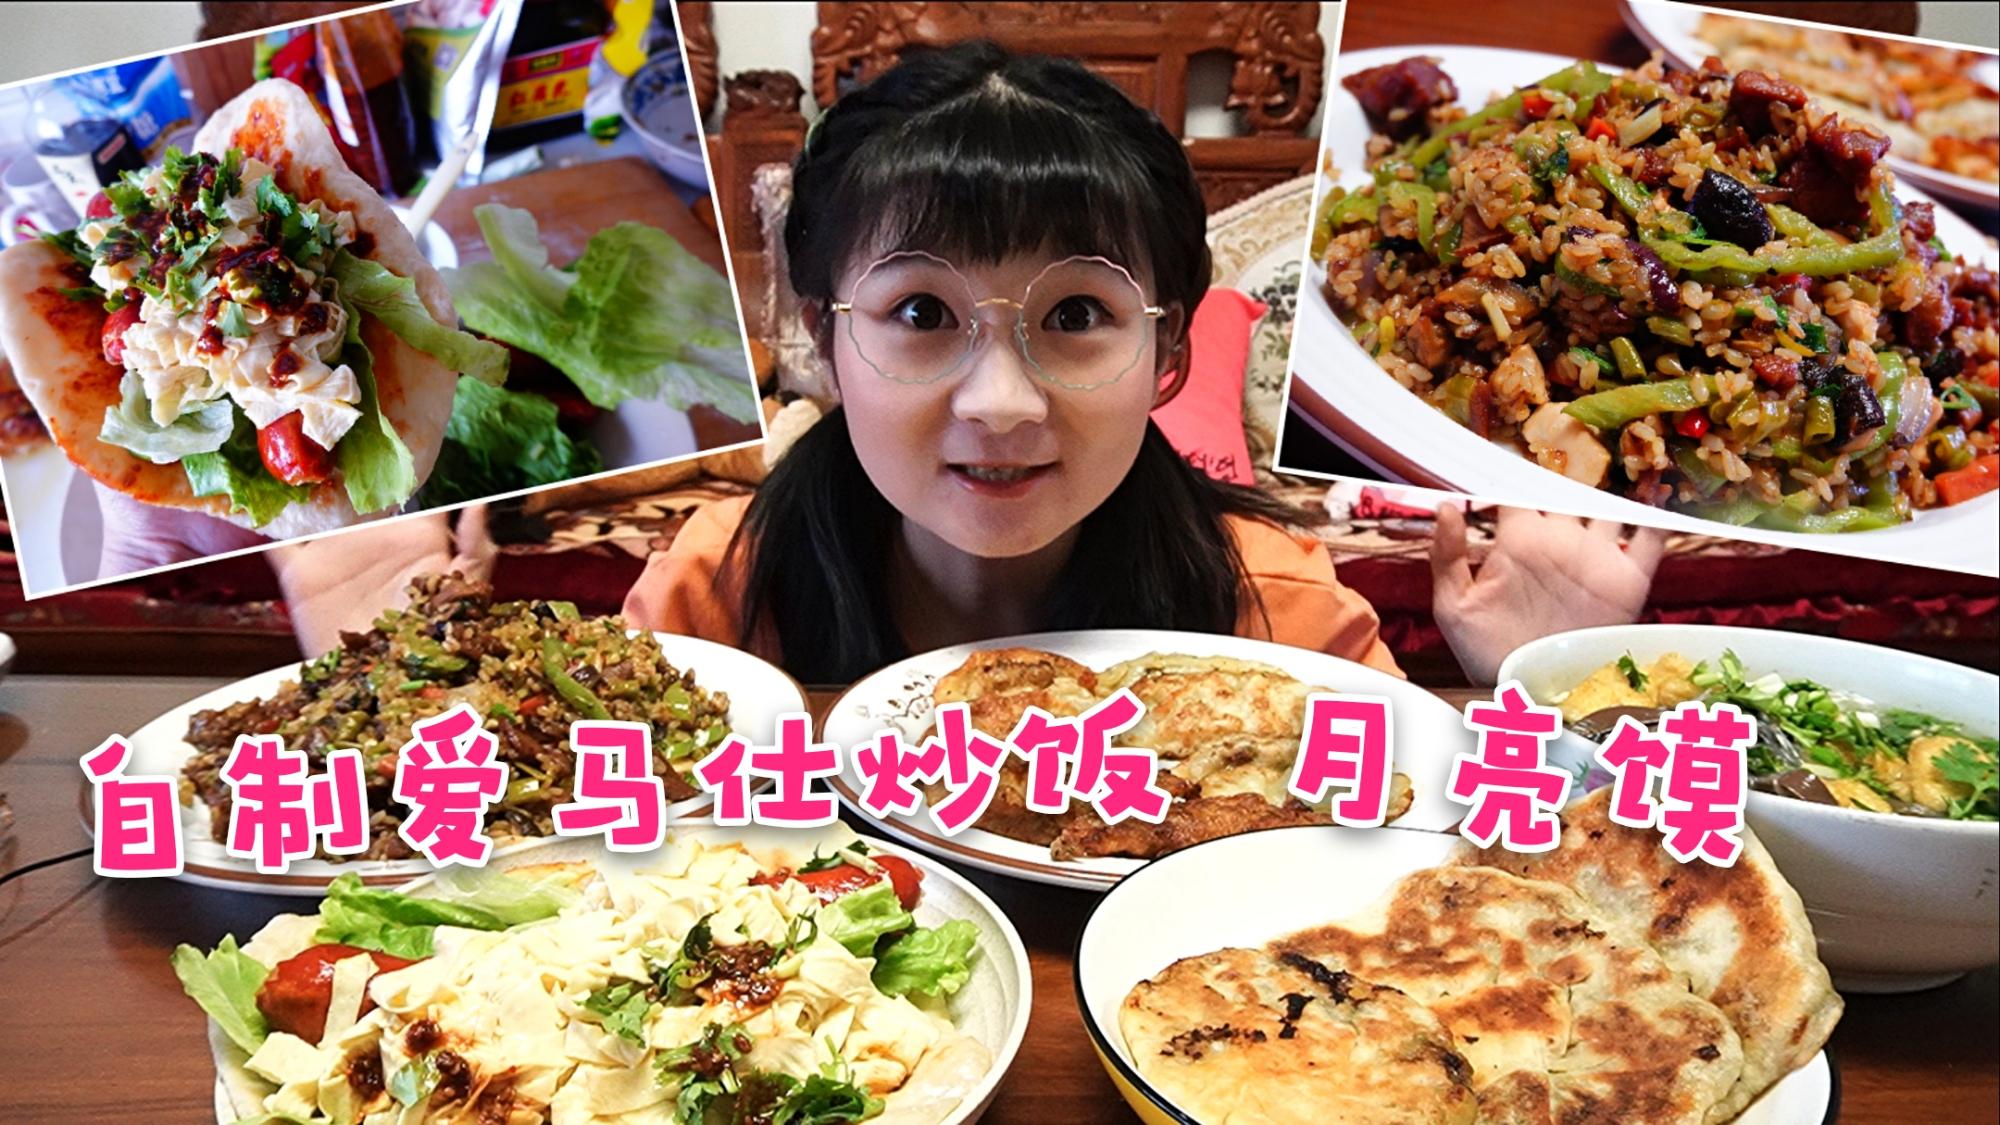 【小猪猪的vlog】宅家自制南京小吃,月亮馍、爱马仕炒饭和锅贴!